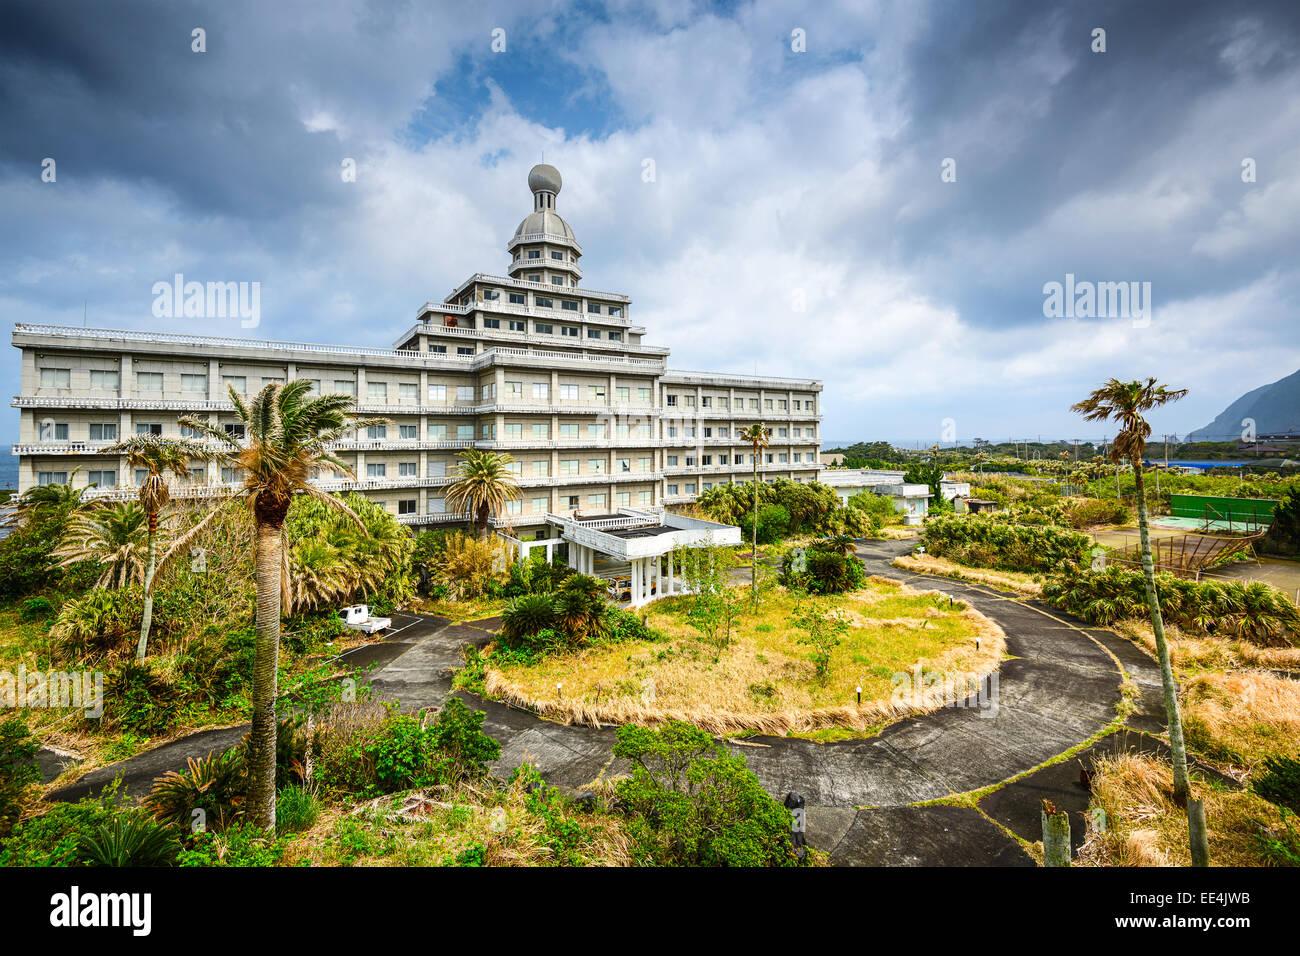 Hotel abbandonato edificio rovine sulla isola Hachijojima, Giappone. Immagini Stock